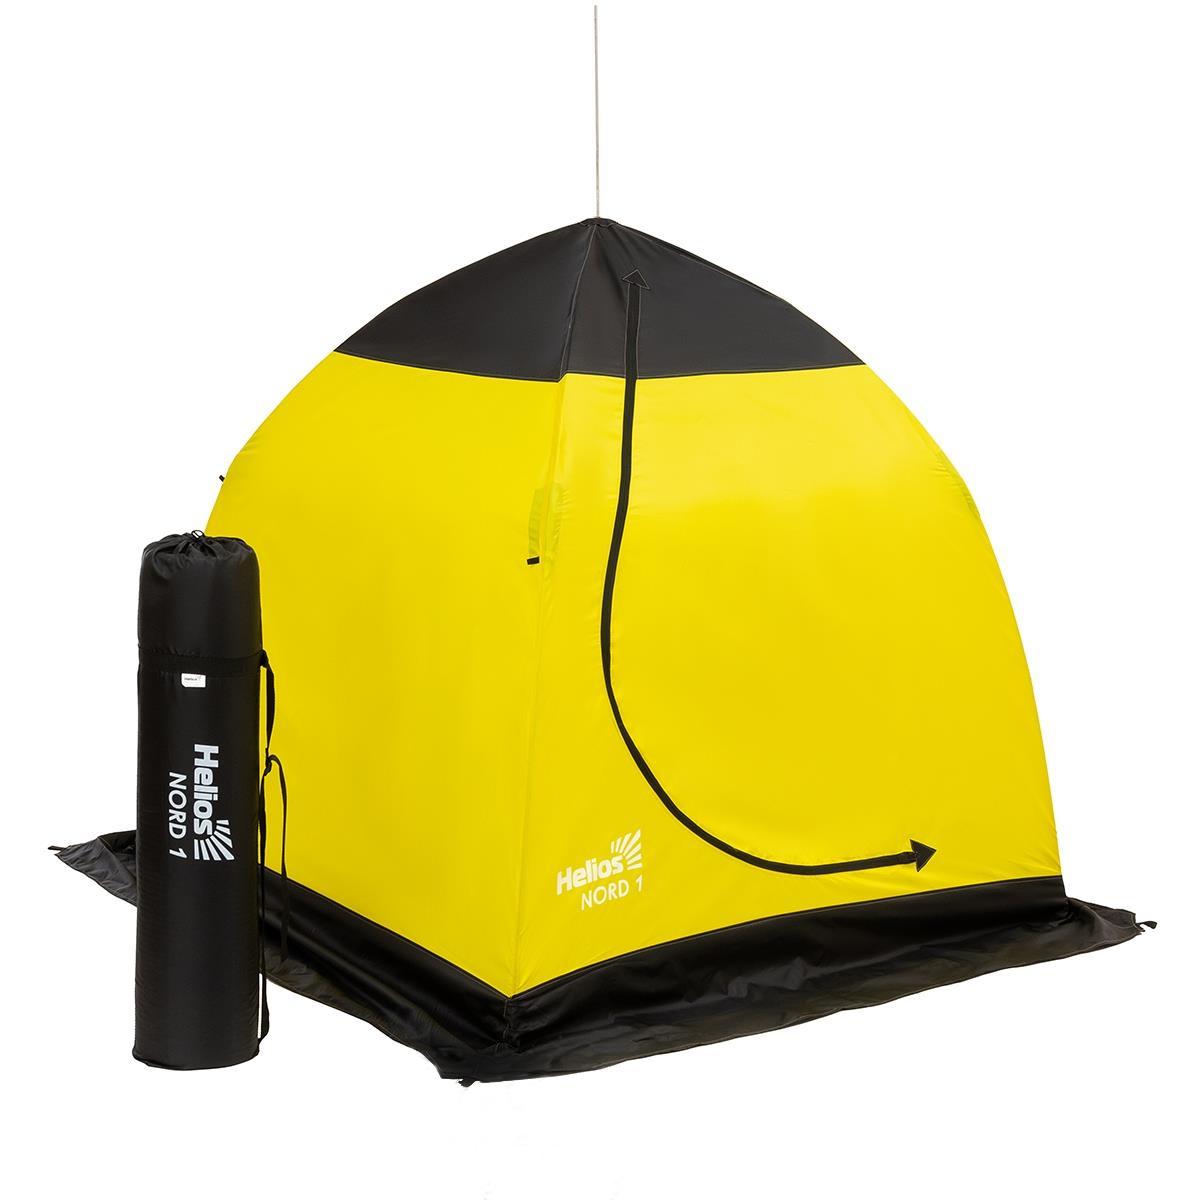 Палатка зимняя зонт Nord-1 Helios 1-х местая 1,45х1,45 м